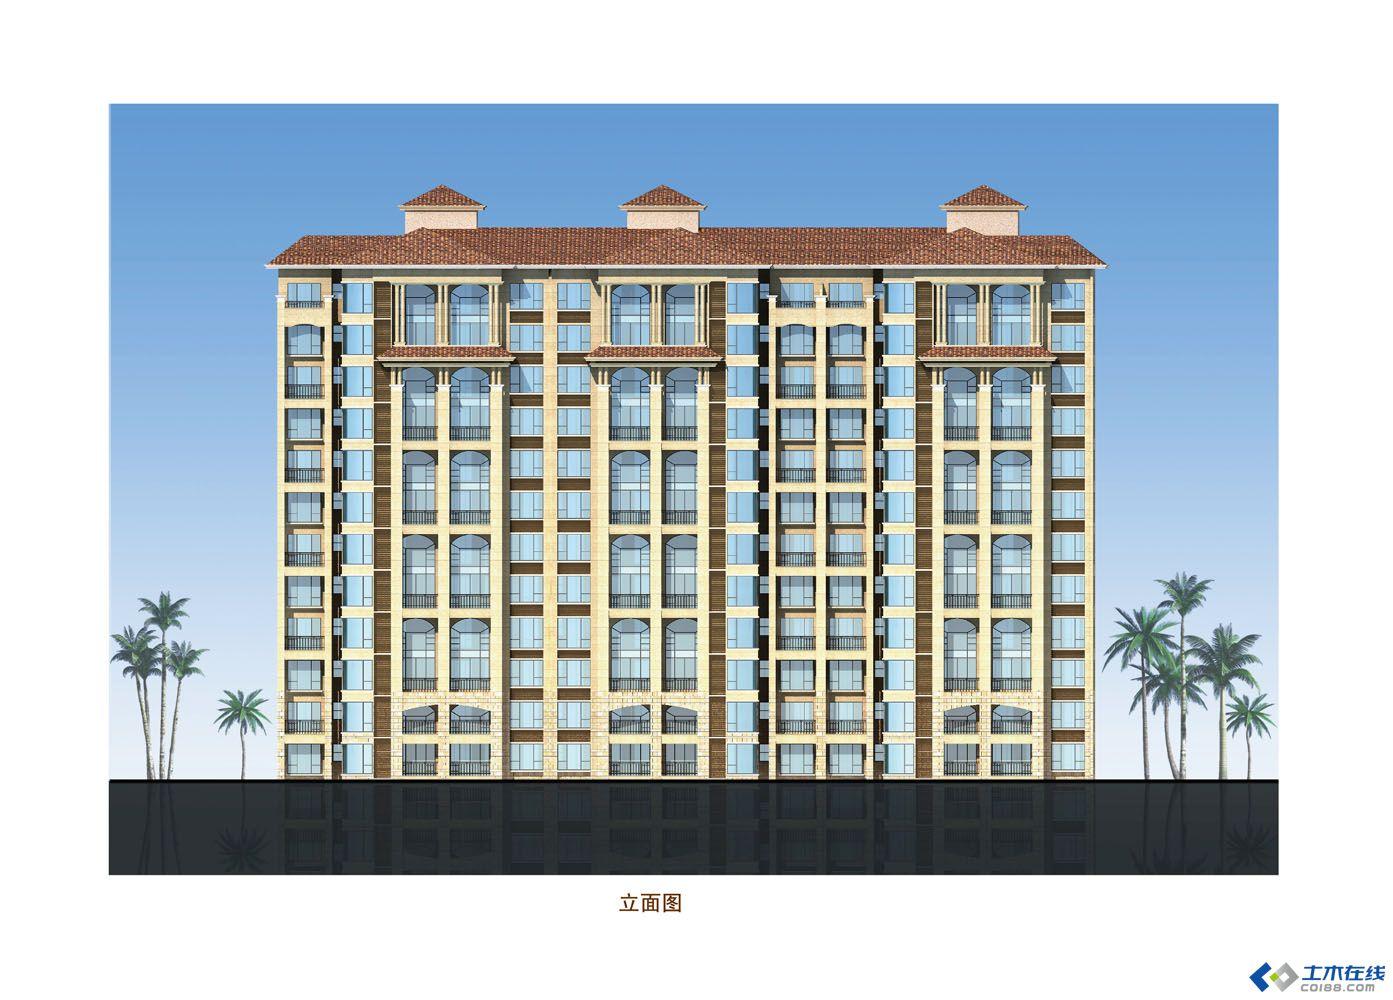 小高层住宅二立面图.jpg 高清图片